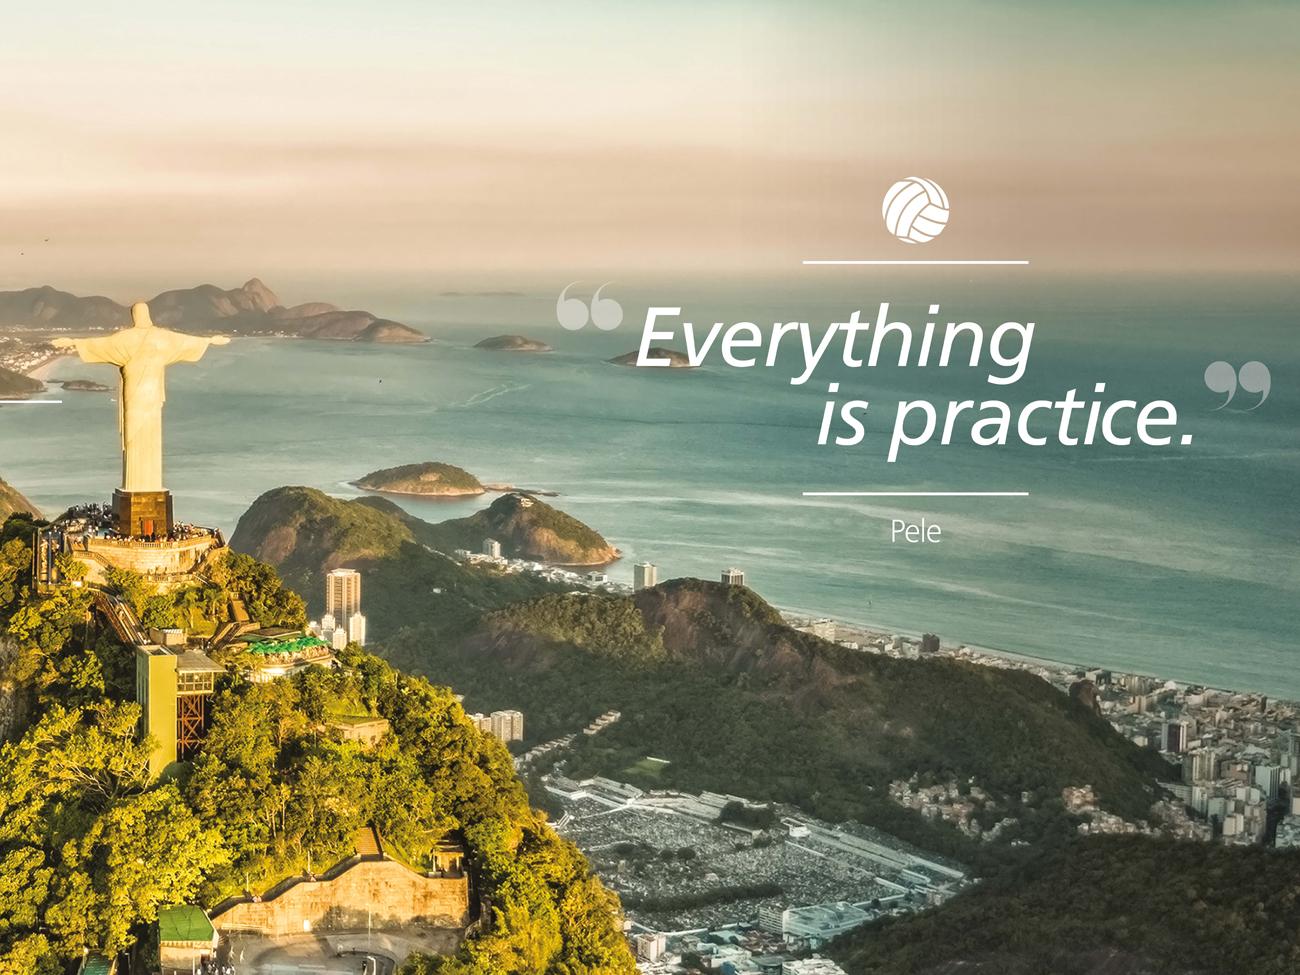 Training Graphics - Pele quote